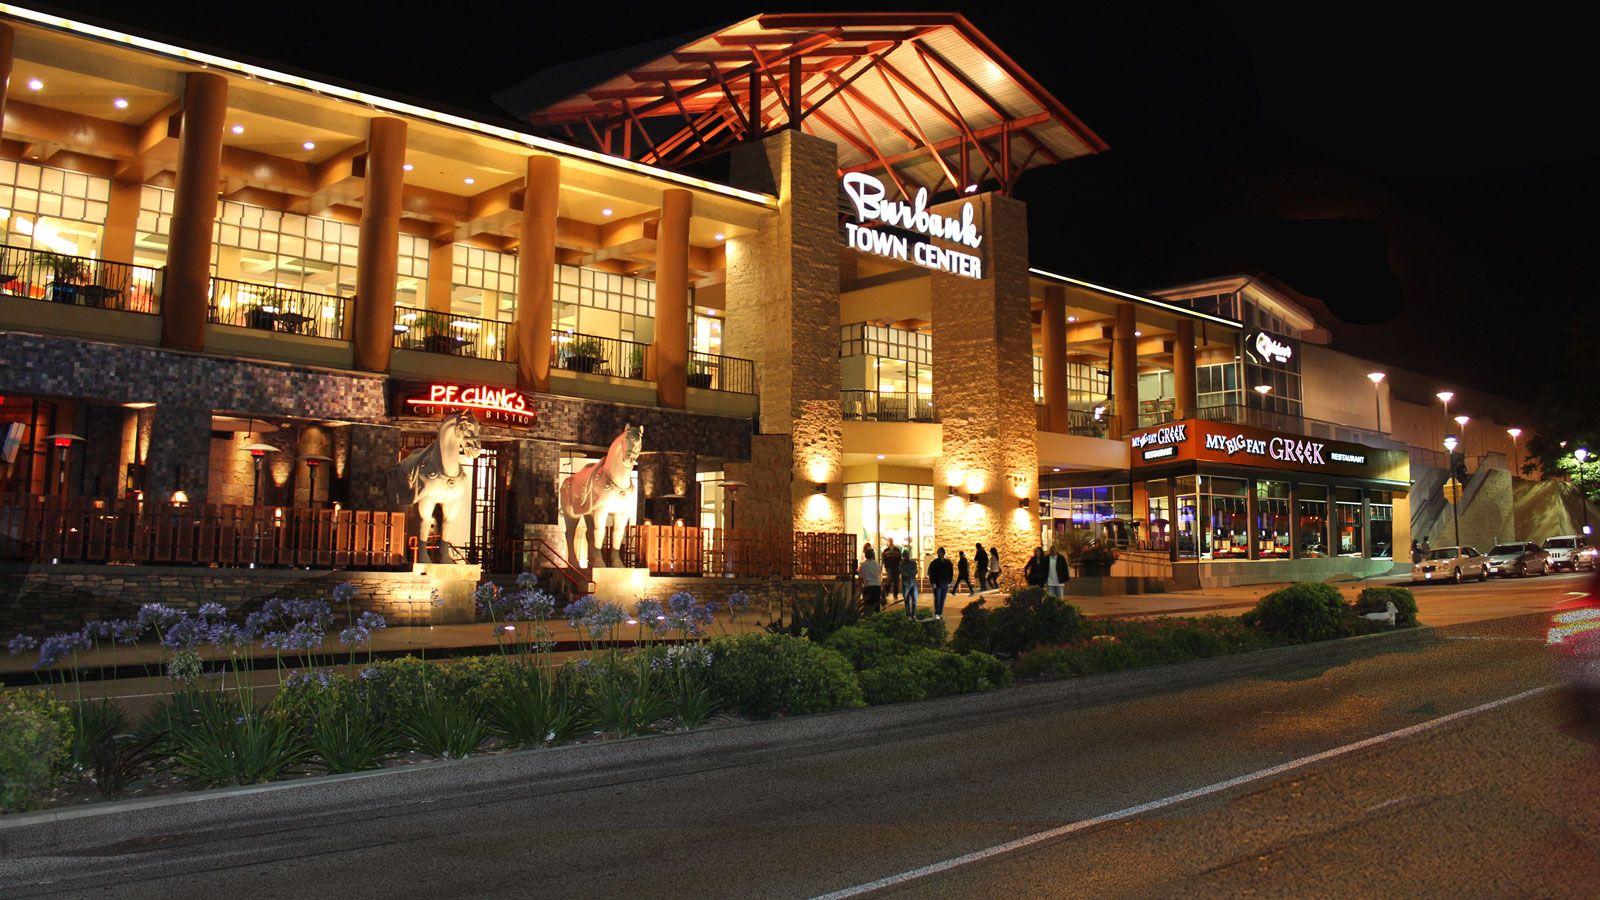 burbank town center: 150 stores, restaurants, movie & lifestyle